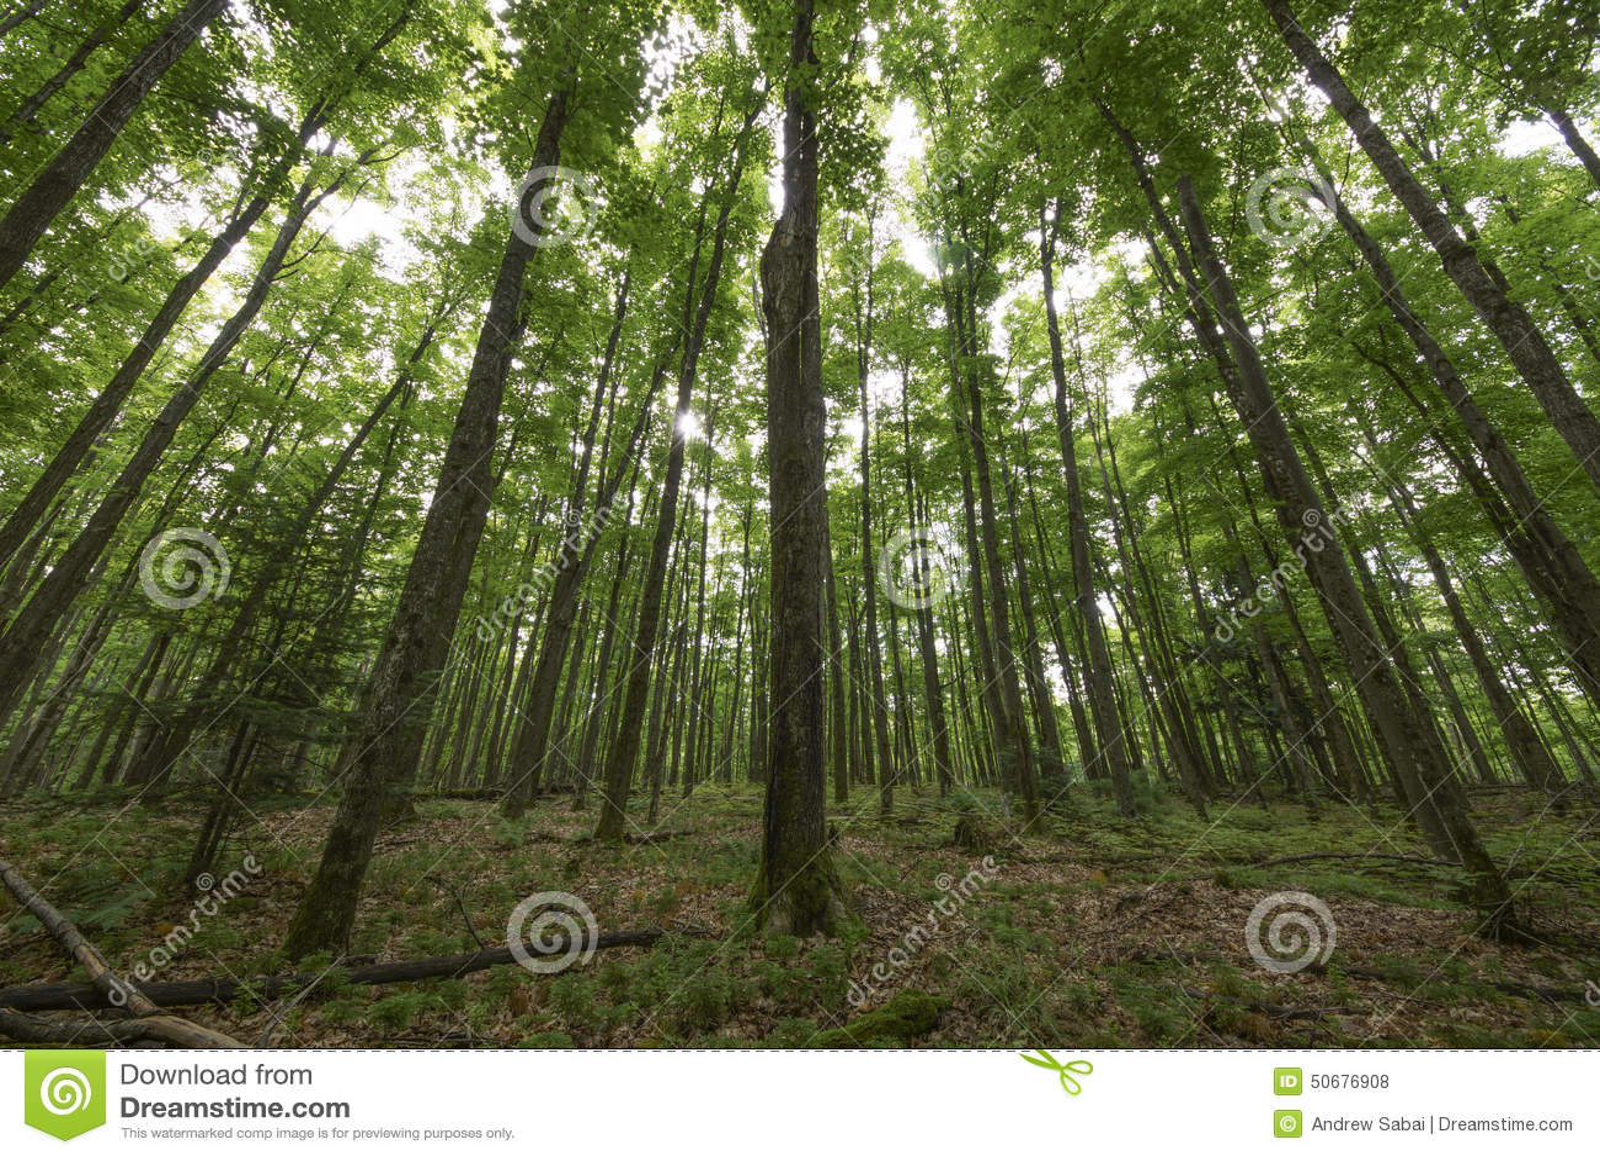 Download 愤怒 库存照片. 图片 包括有 森林, bents, 森林地, 更加恼怒的, 结构树, 透镜, 抽象 - 50676908